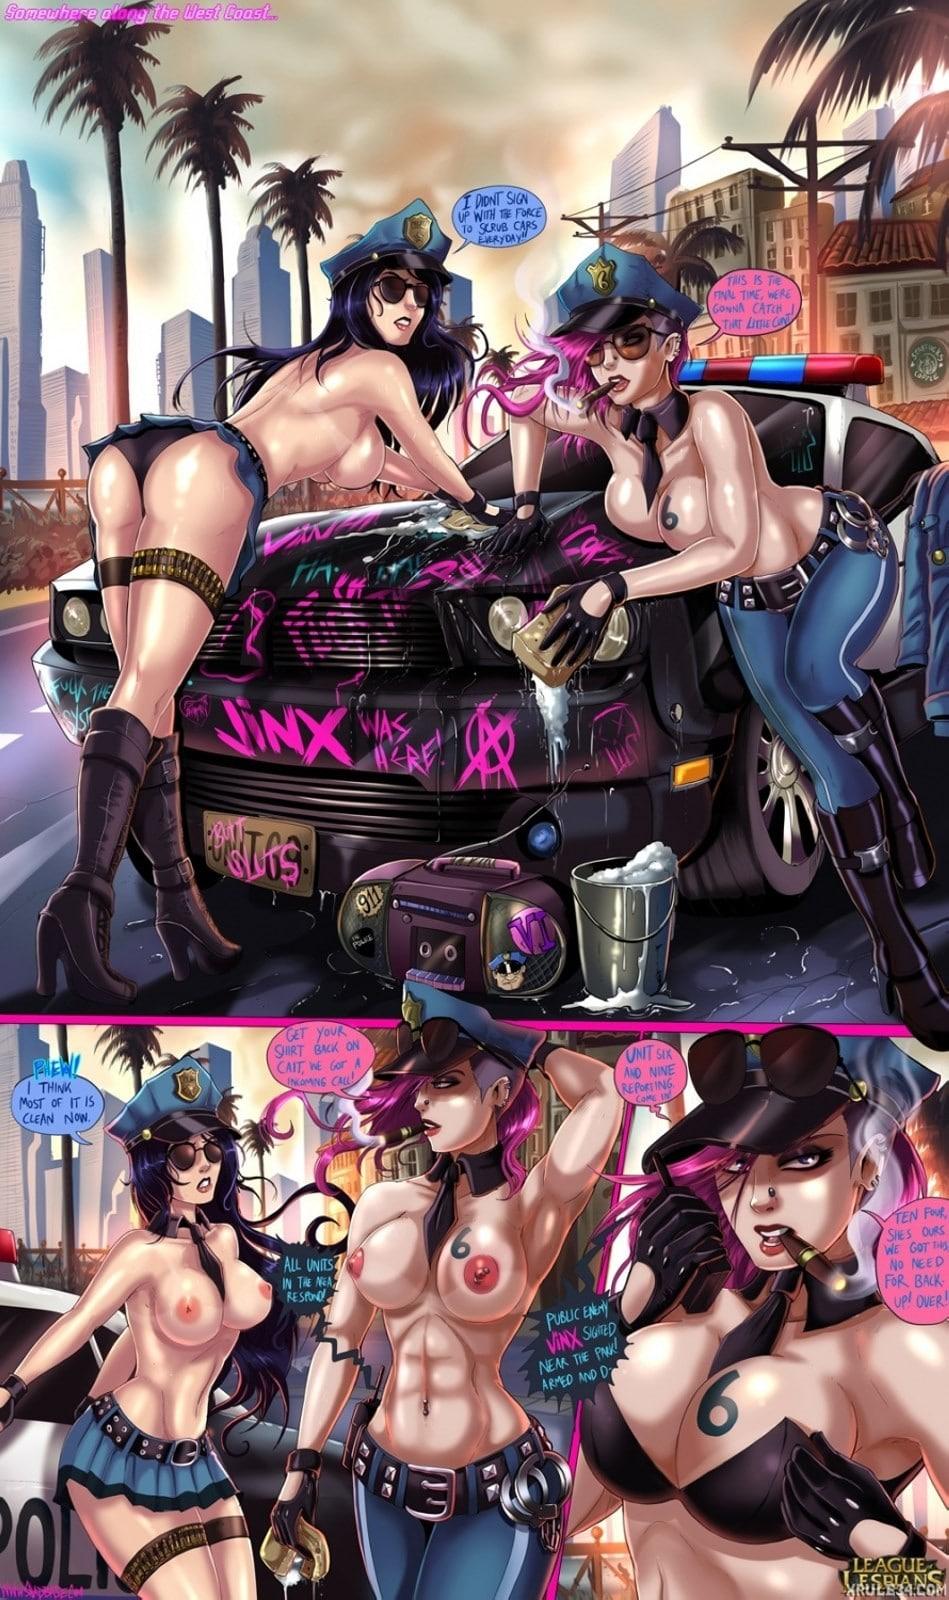 League Of Lesbians 02